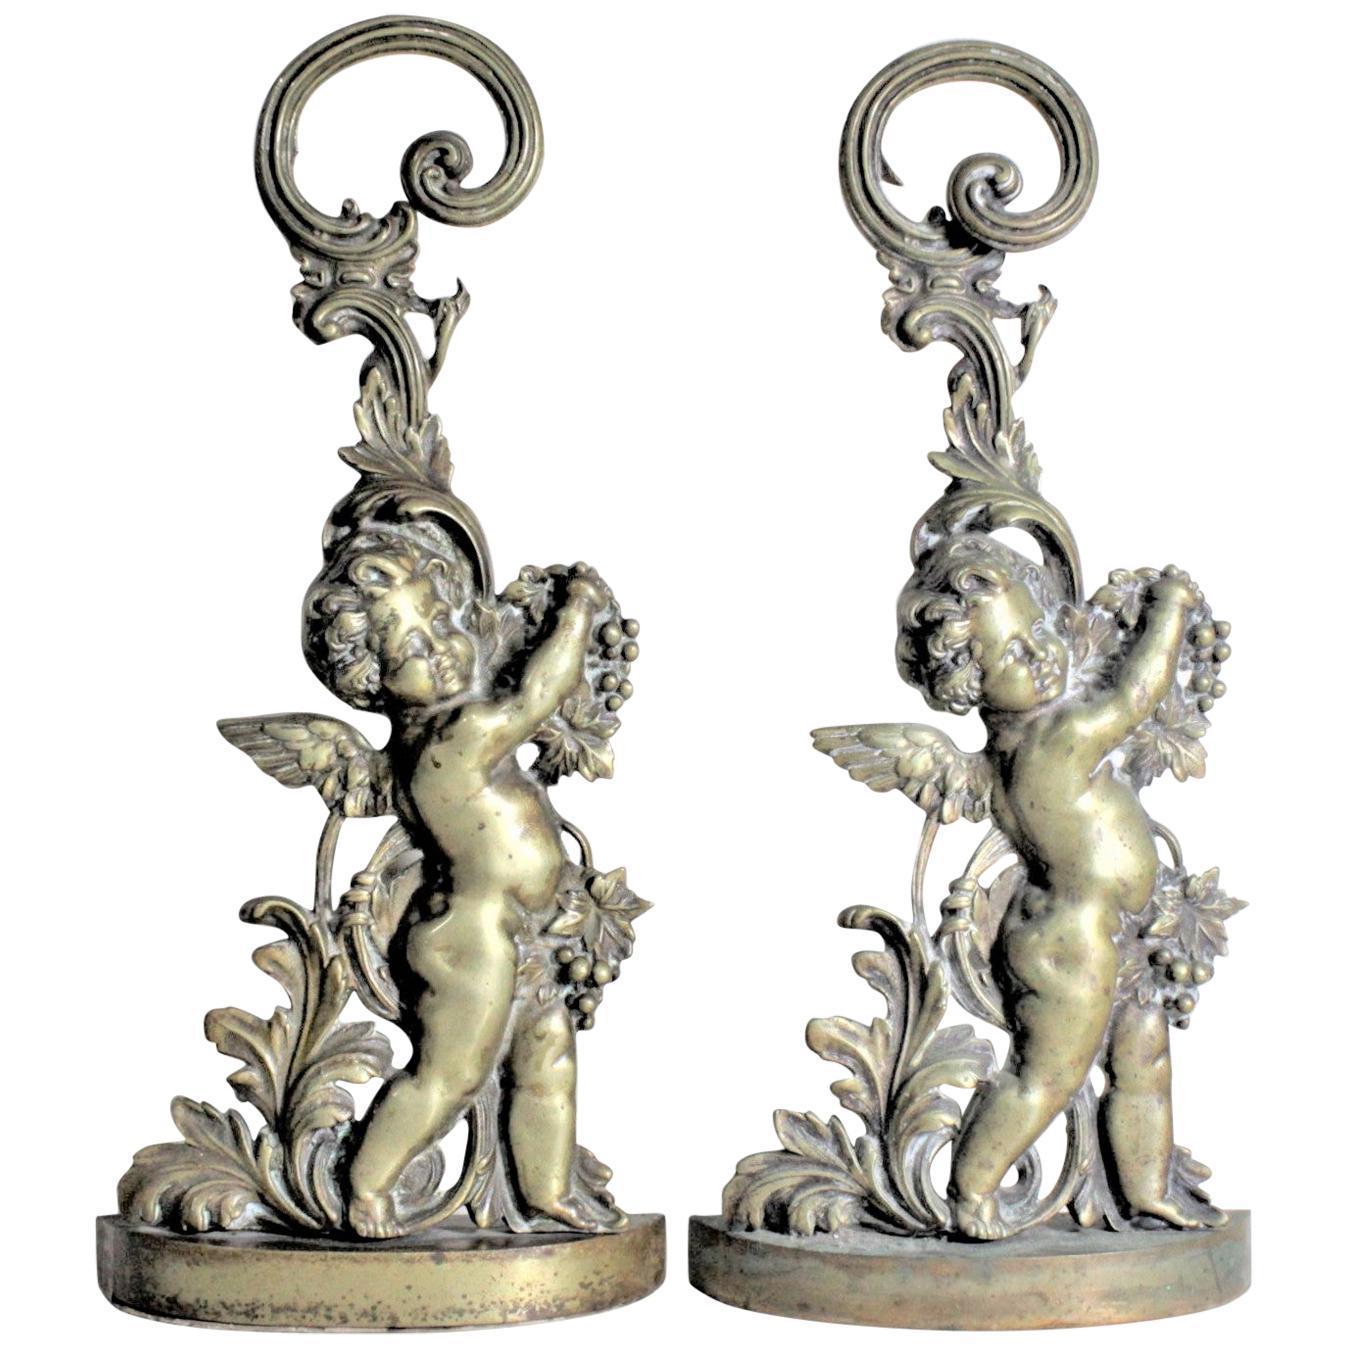 Pair of Antique Victorian Cast Brass Figural Cherub Door Stops or Sculptures